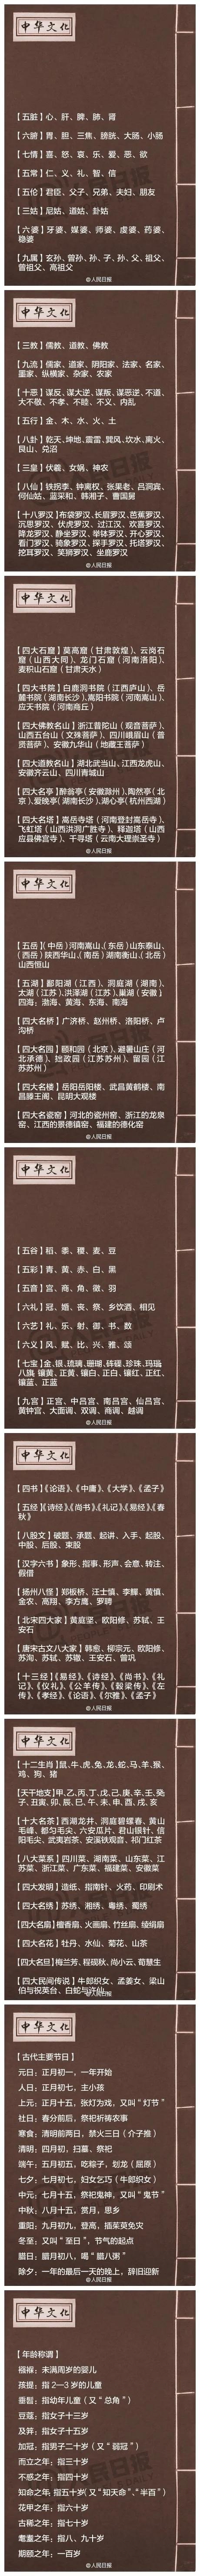 常識積累:中華文化常識集錦